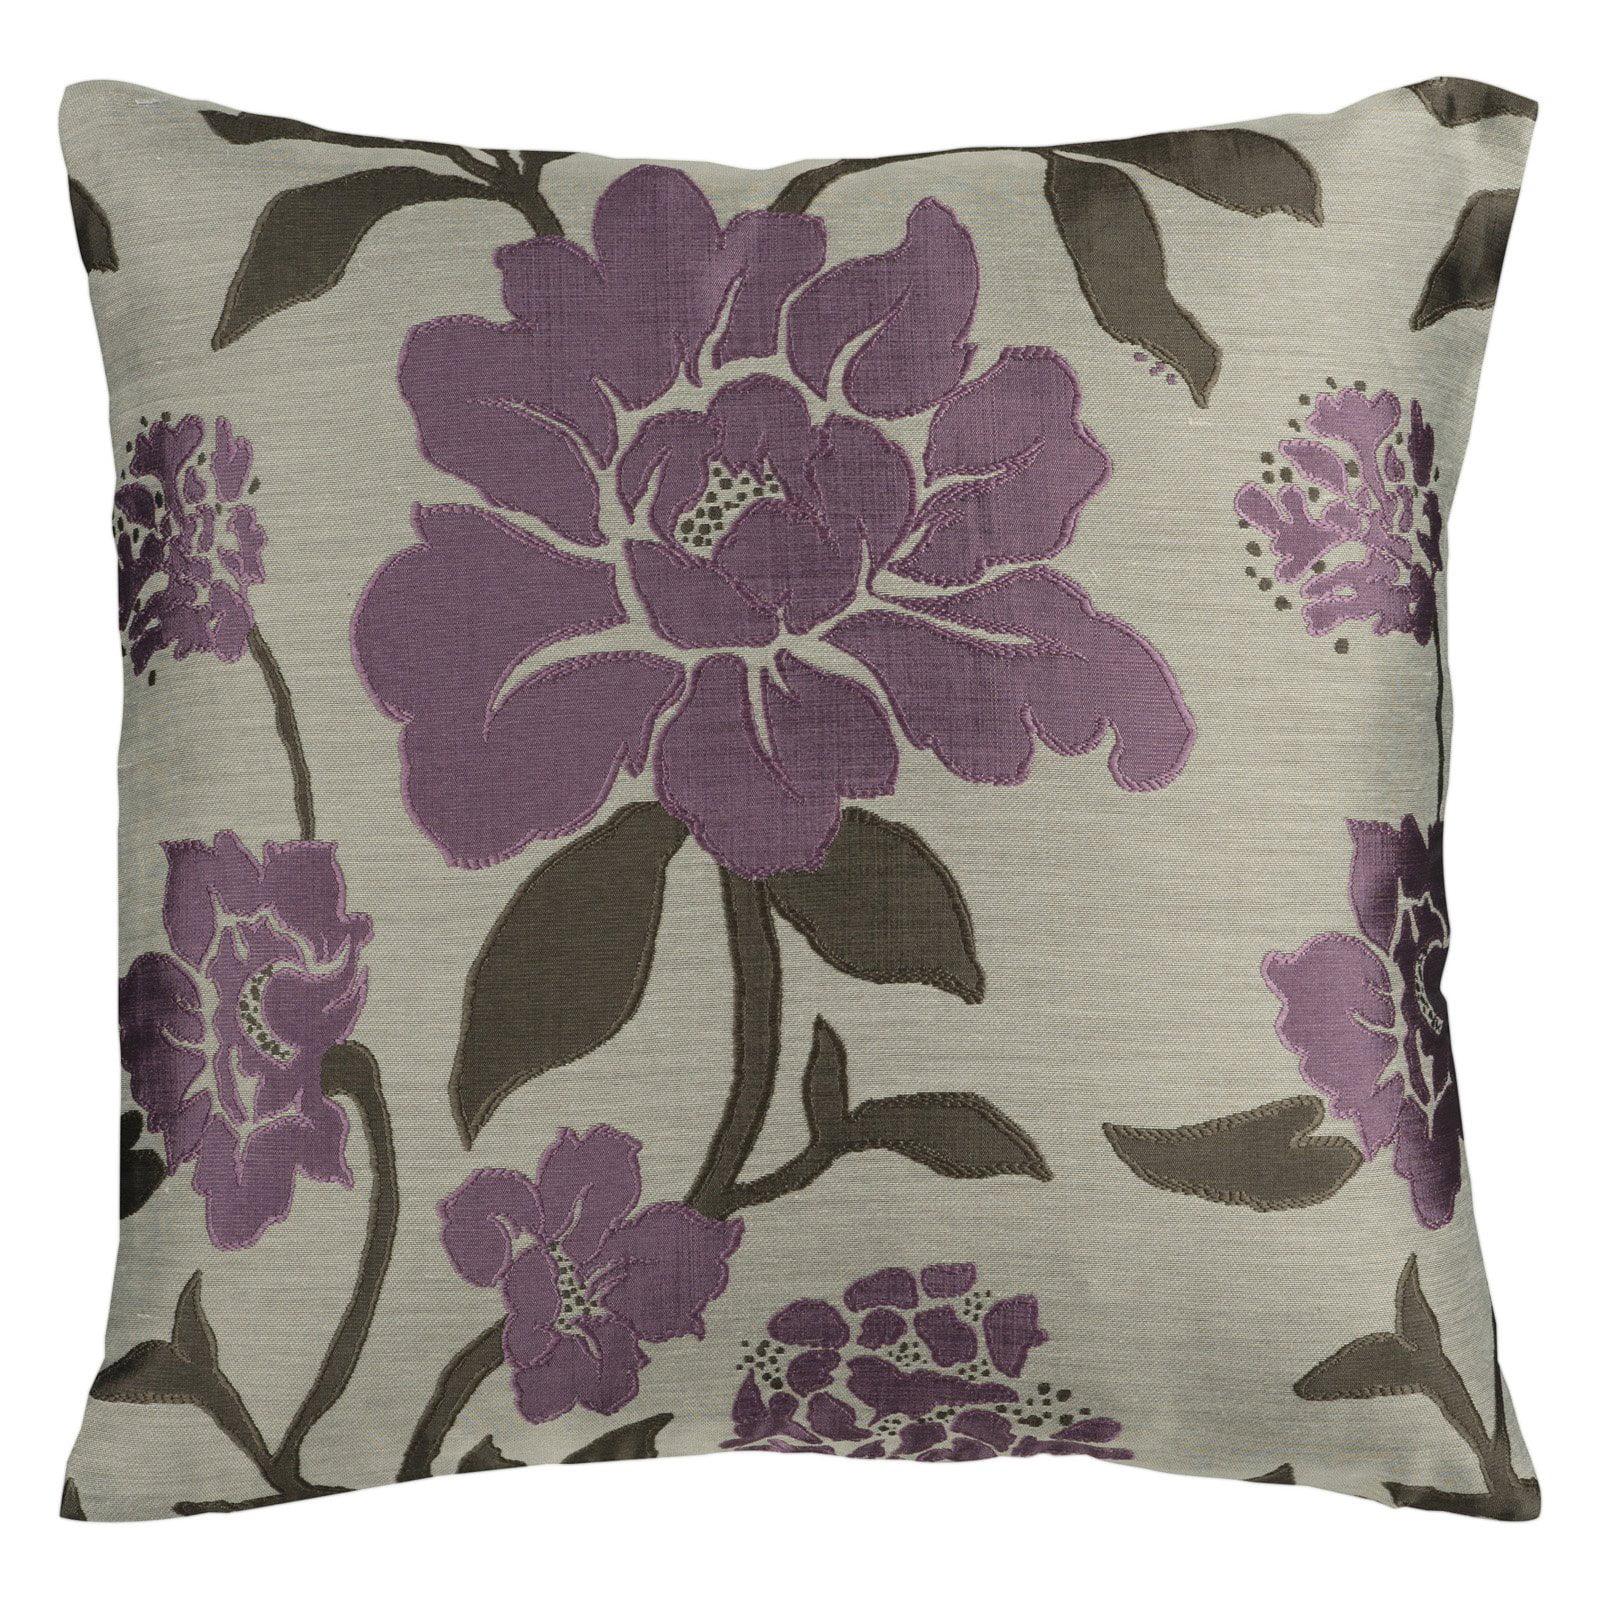 Surya Chatham Decorative Pillow - Beige